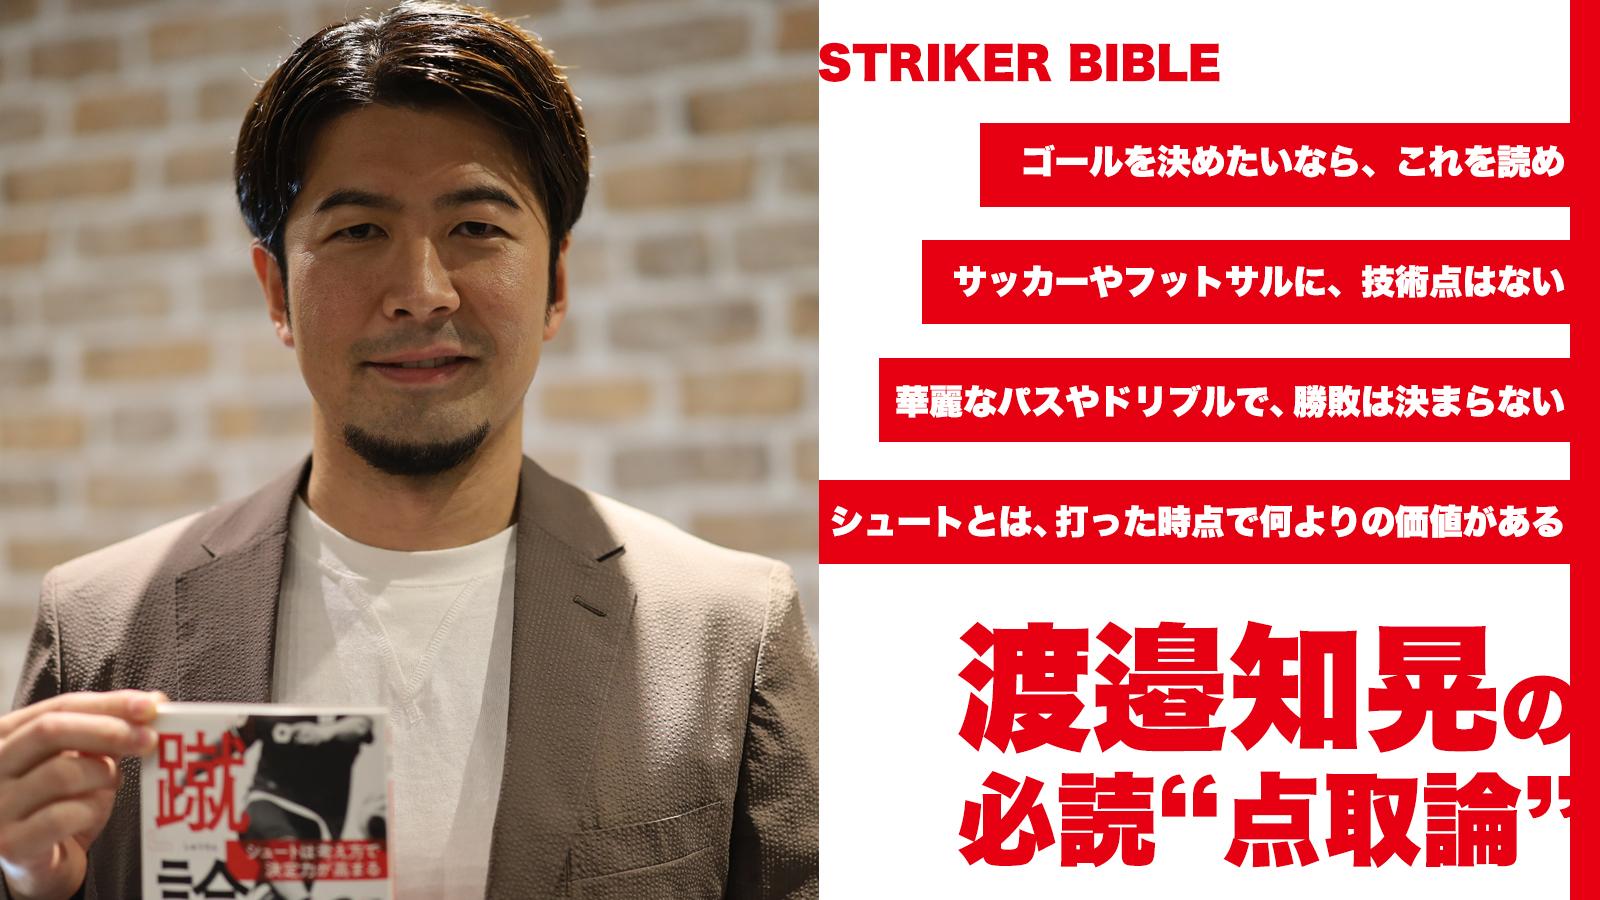 「なぜ、シュートが決まらないのか…」日本フットサル界を代表するゴールハンターがストライカーとして持つべきマインドを伝授